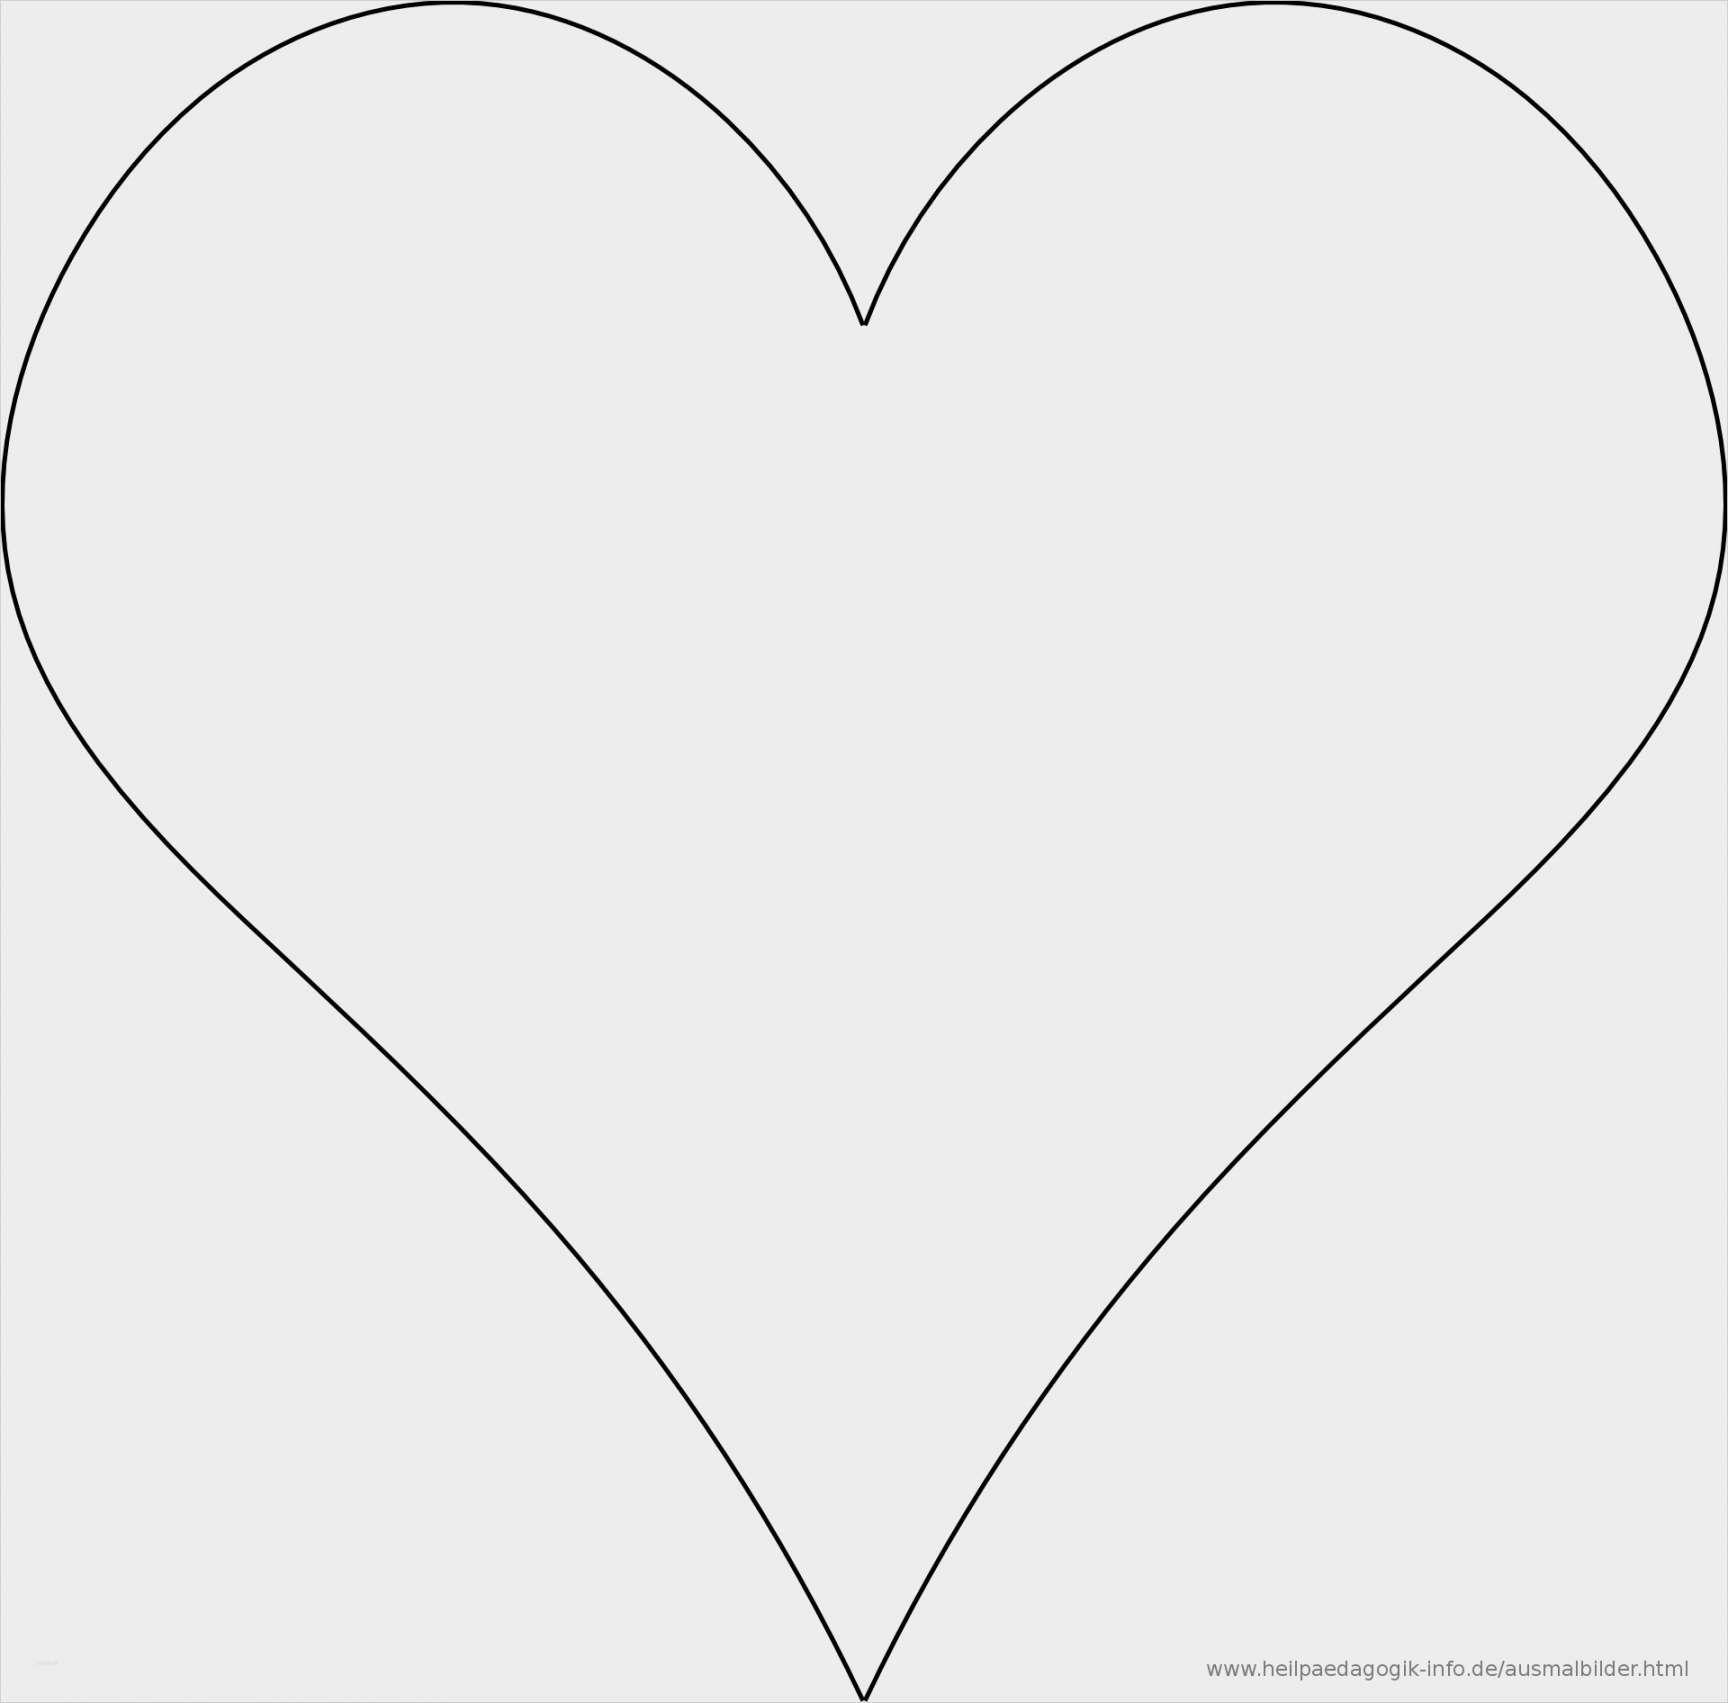 Annehmbar Herz Vorlage Din A4 Zum Ausdrucken